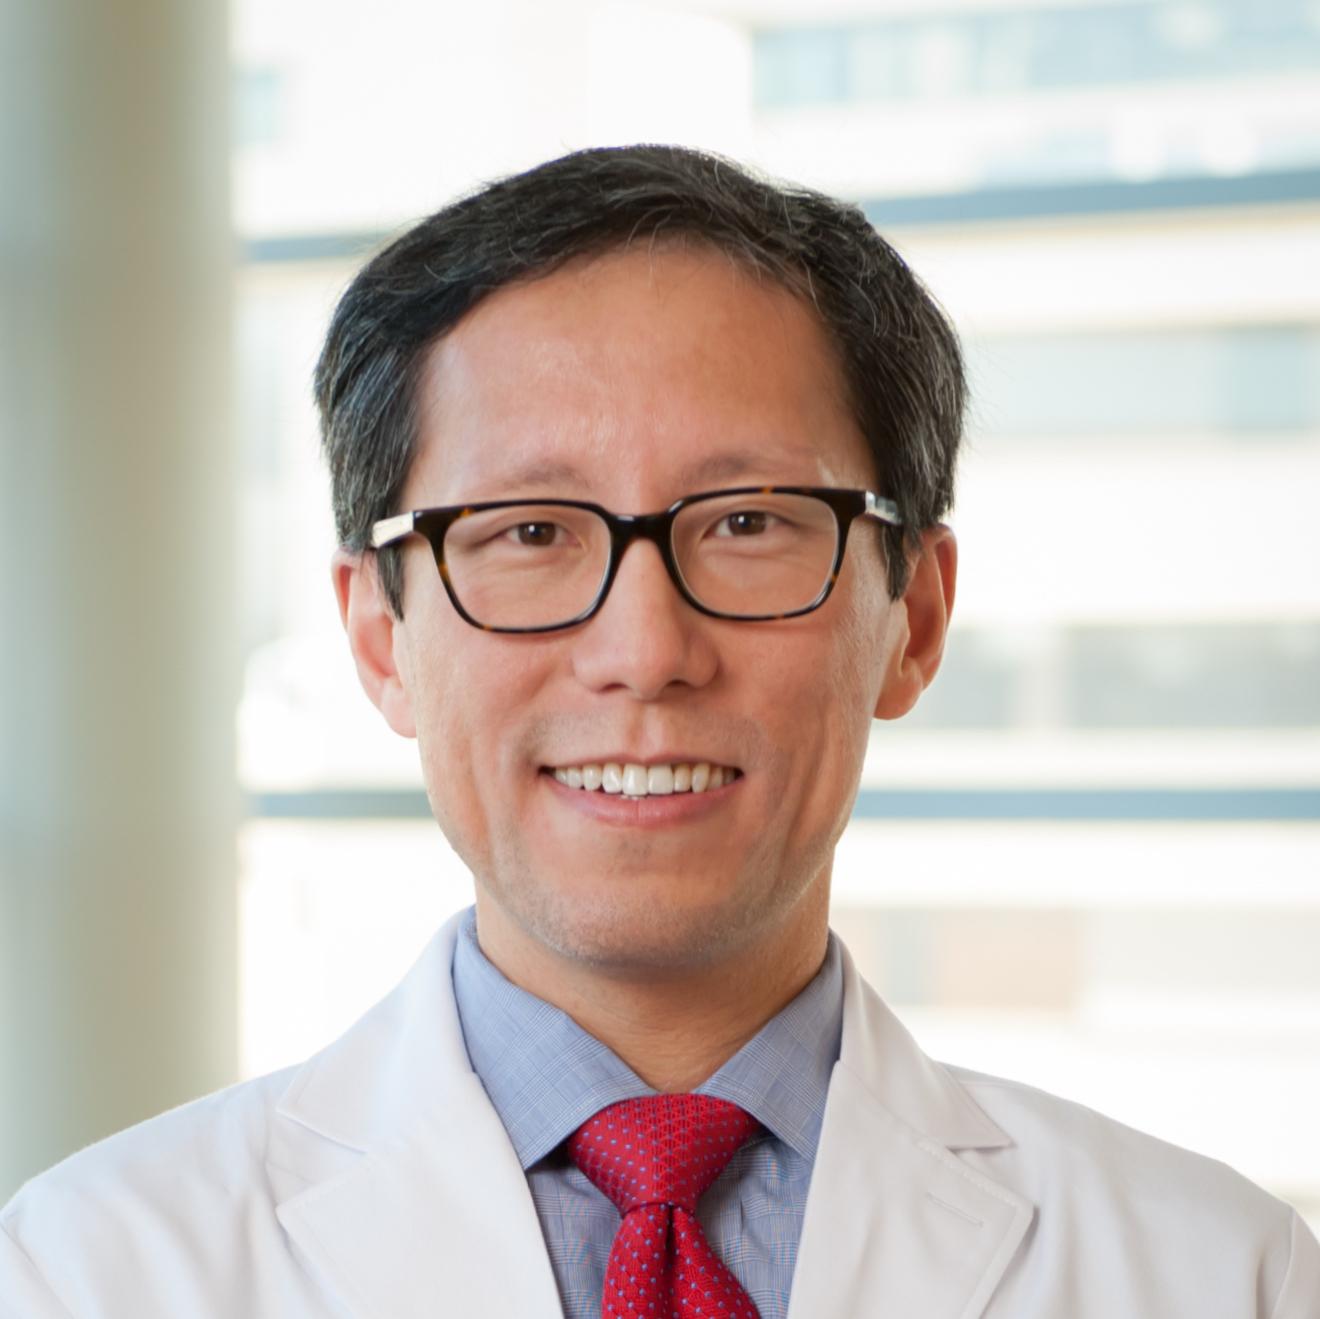 Jonathan Cheng, M.D.